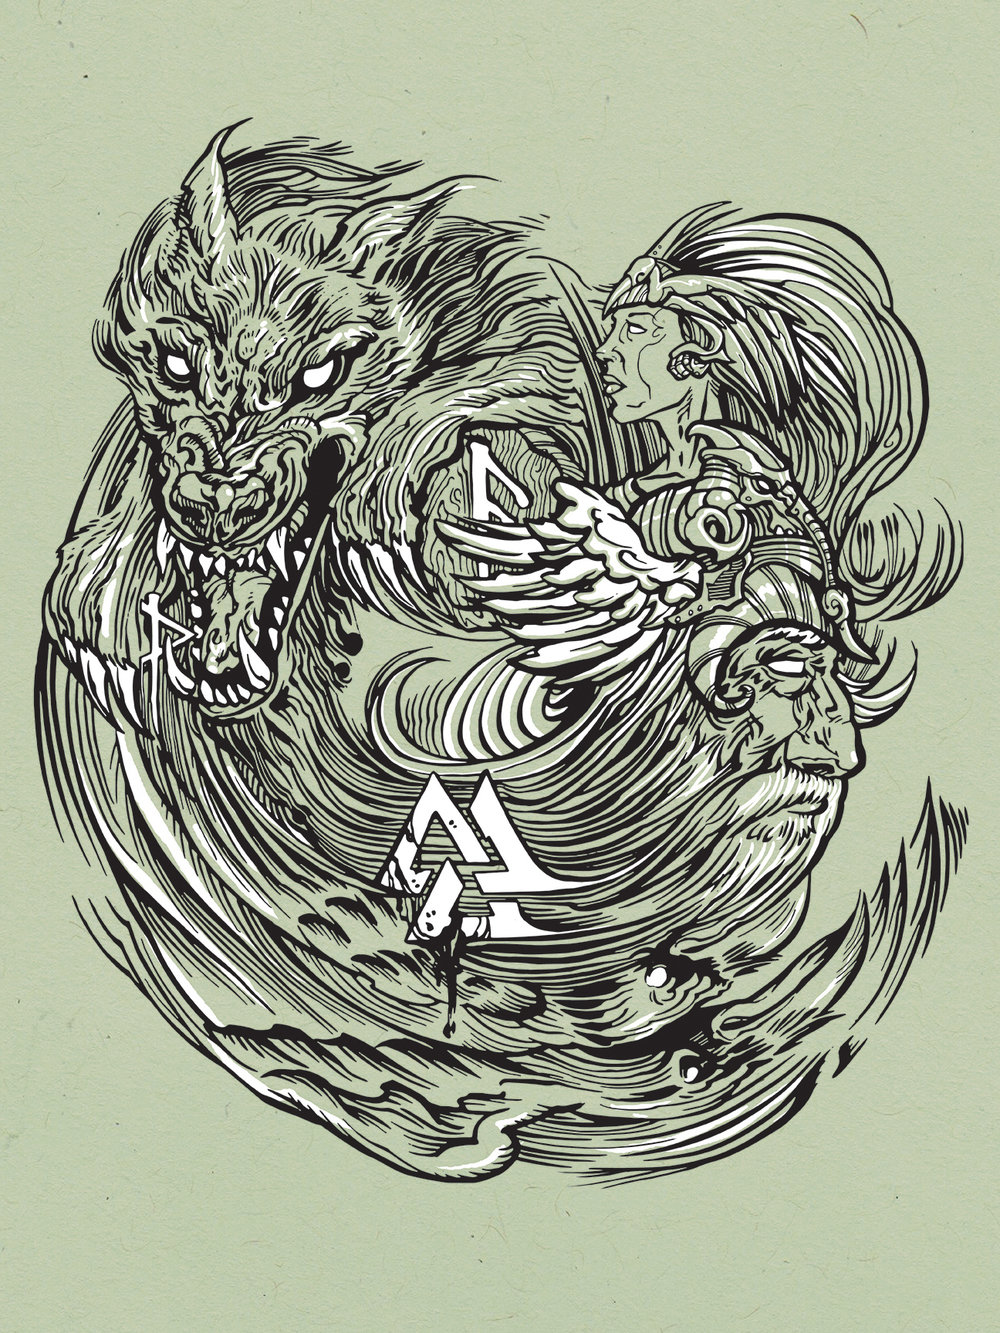 norse-mythology-silscreen-prints-runes2.jpg